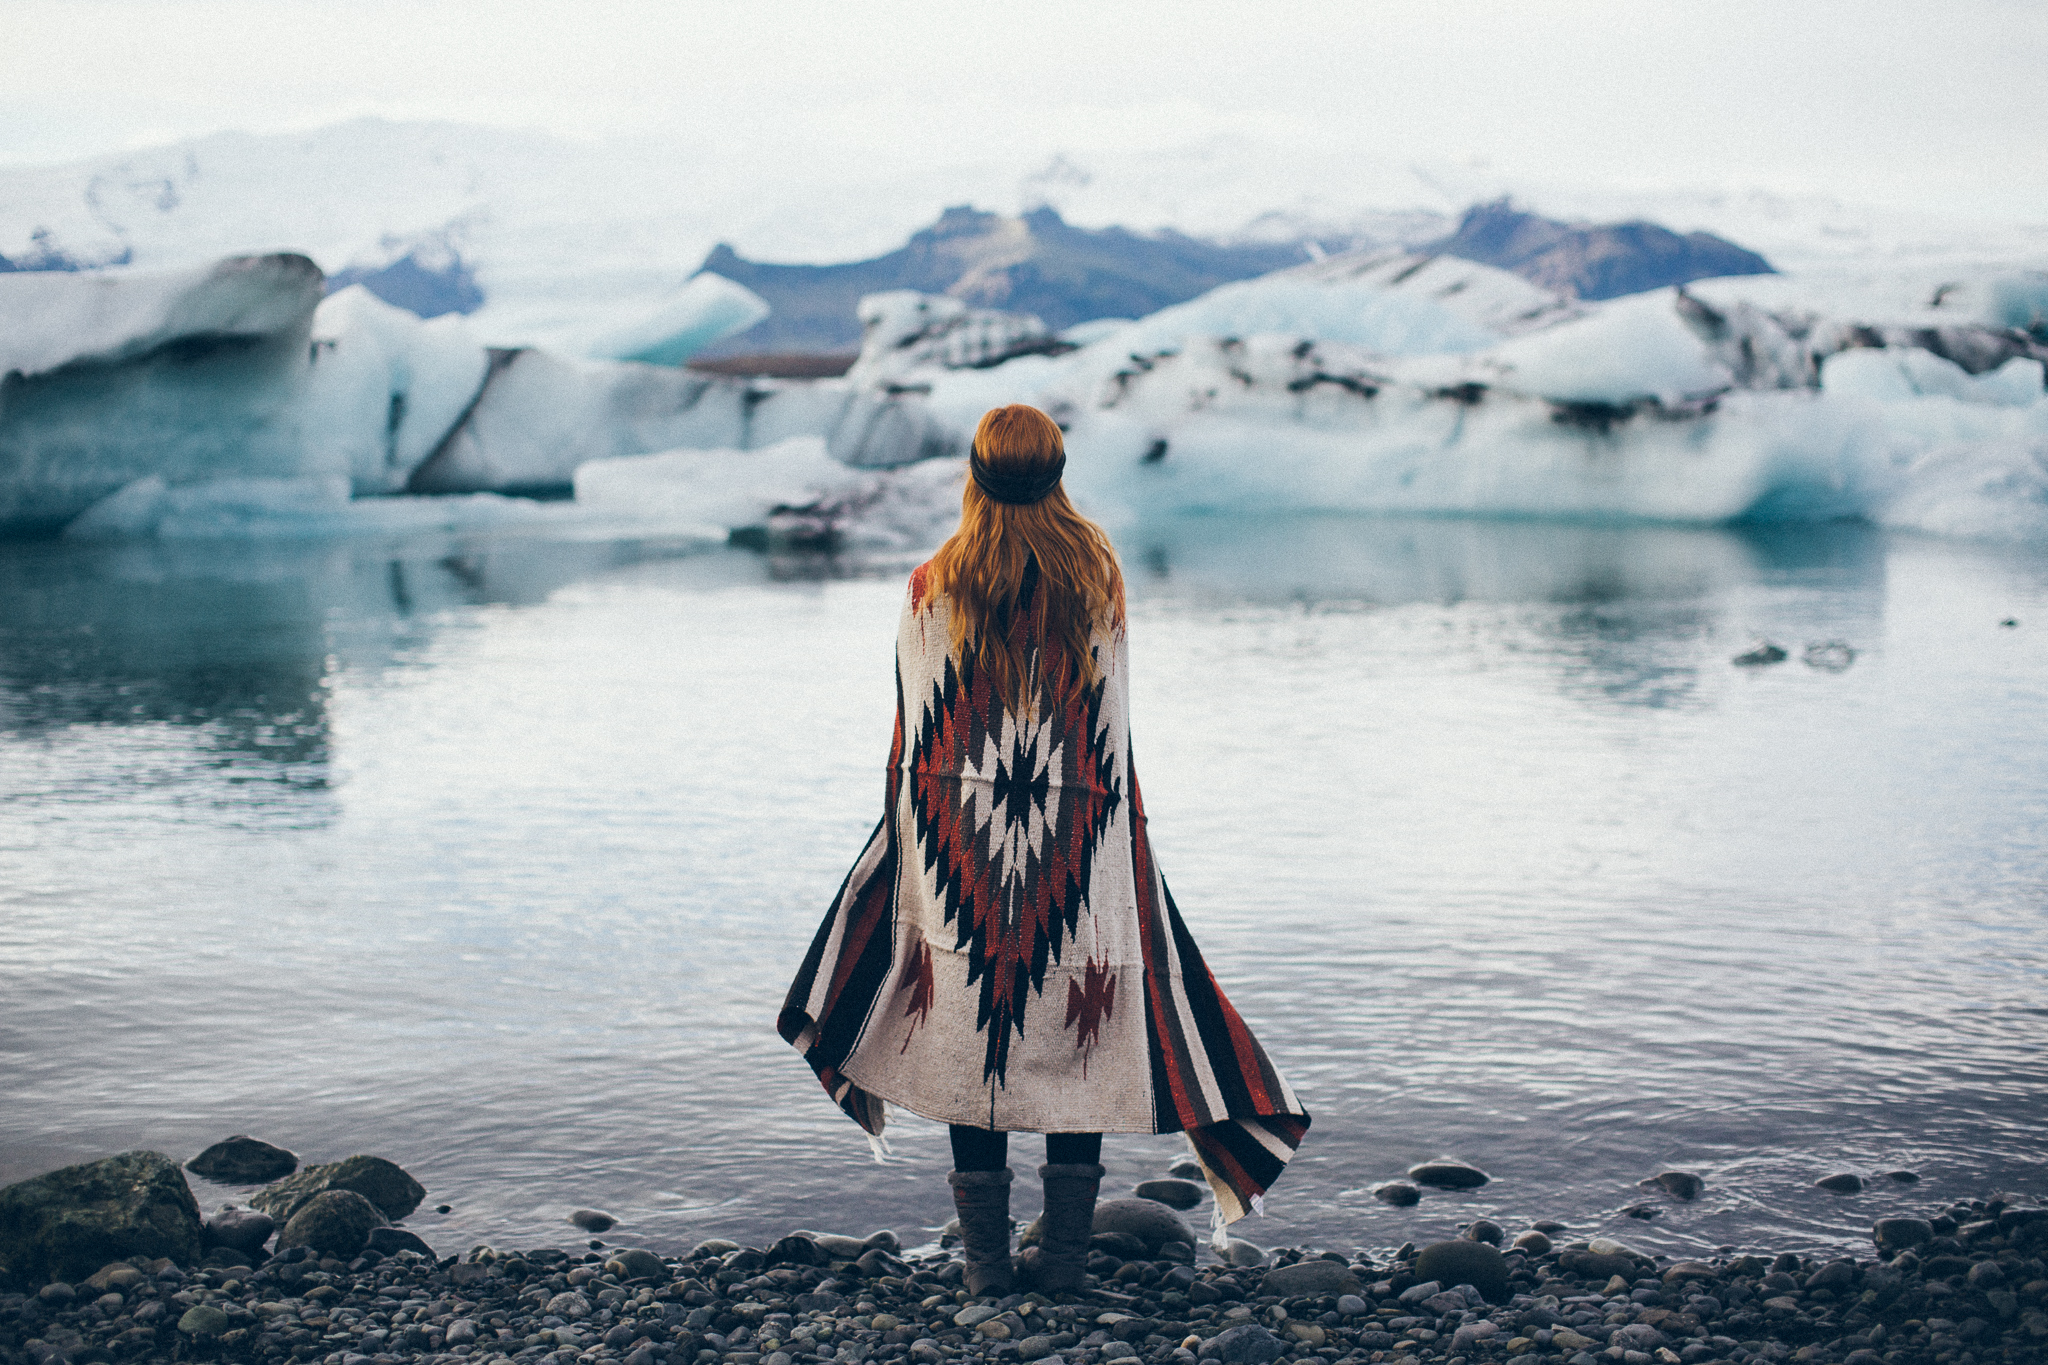 Iceland_BEC 023 [Image by Jarrad Seng].jpg